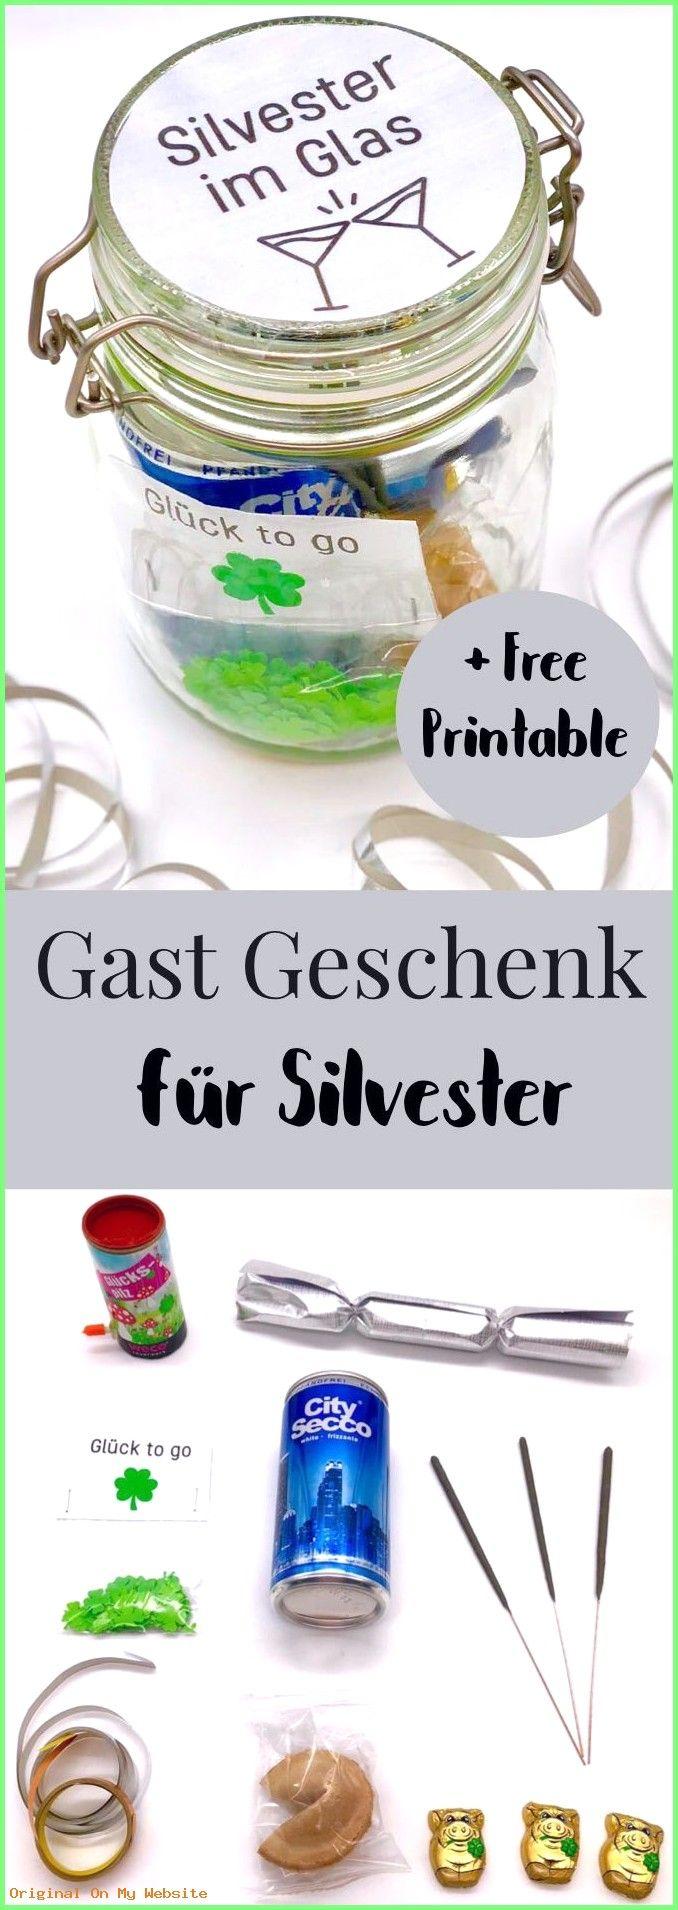 Handmade Gifts: DIY Ideen für Silvester. So macht Ihr Euch das ideale Gast Geschenk oder Mitb…